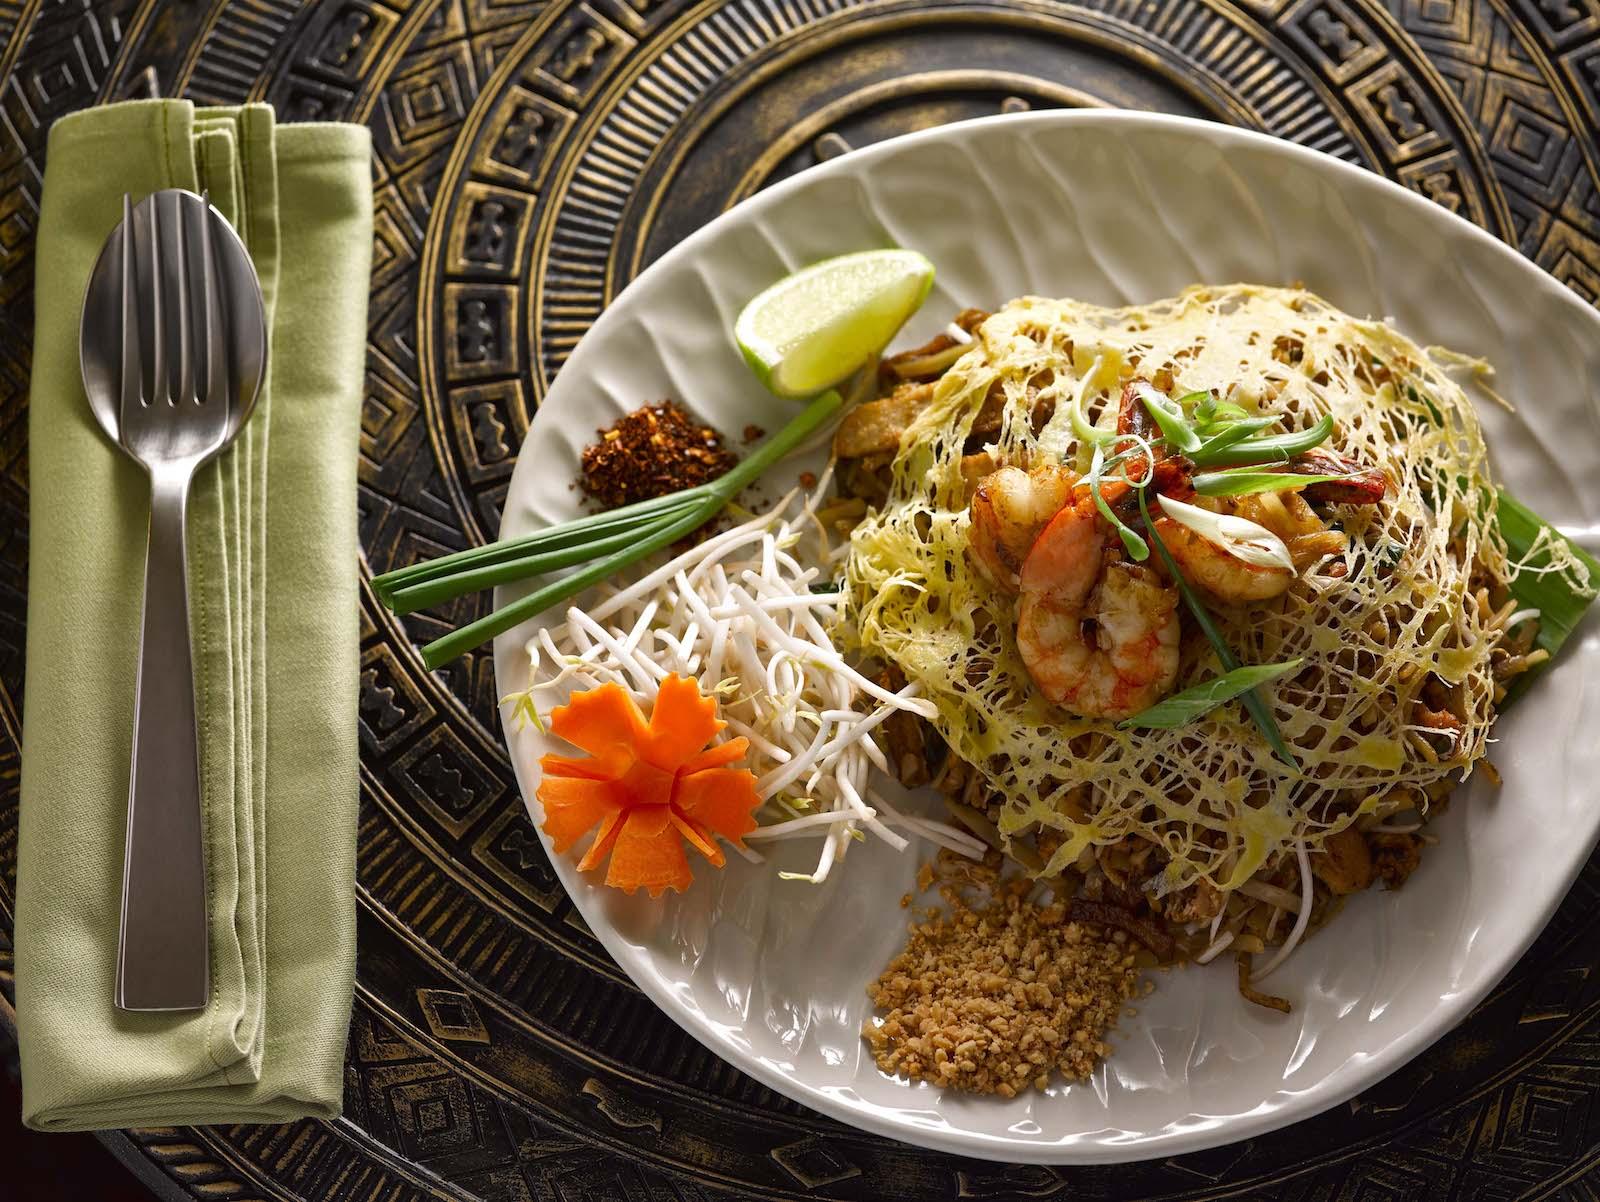 dusit-thani-abu-dhabi_dining_benjarong_food_pad-thai